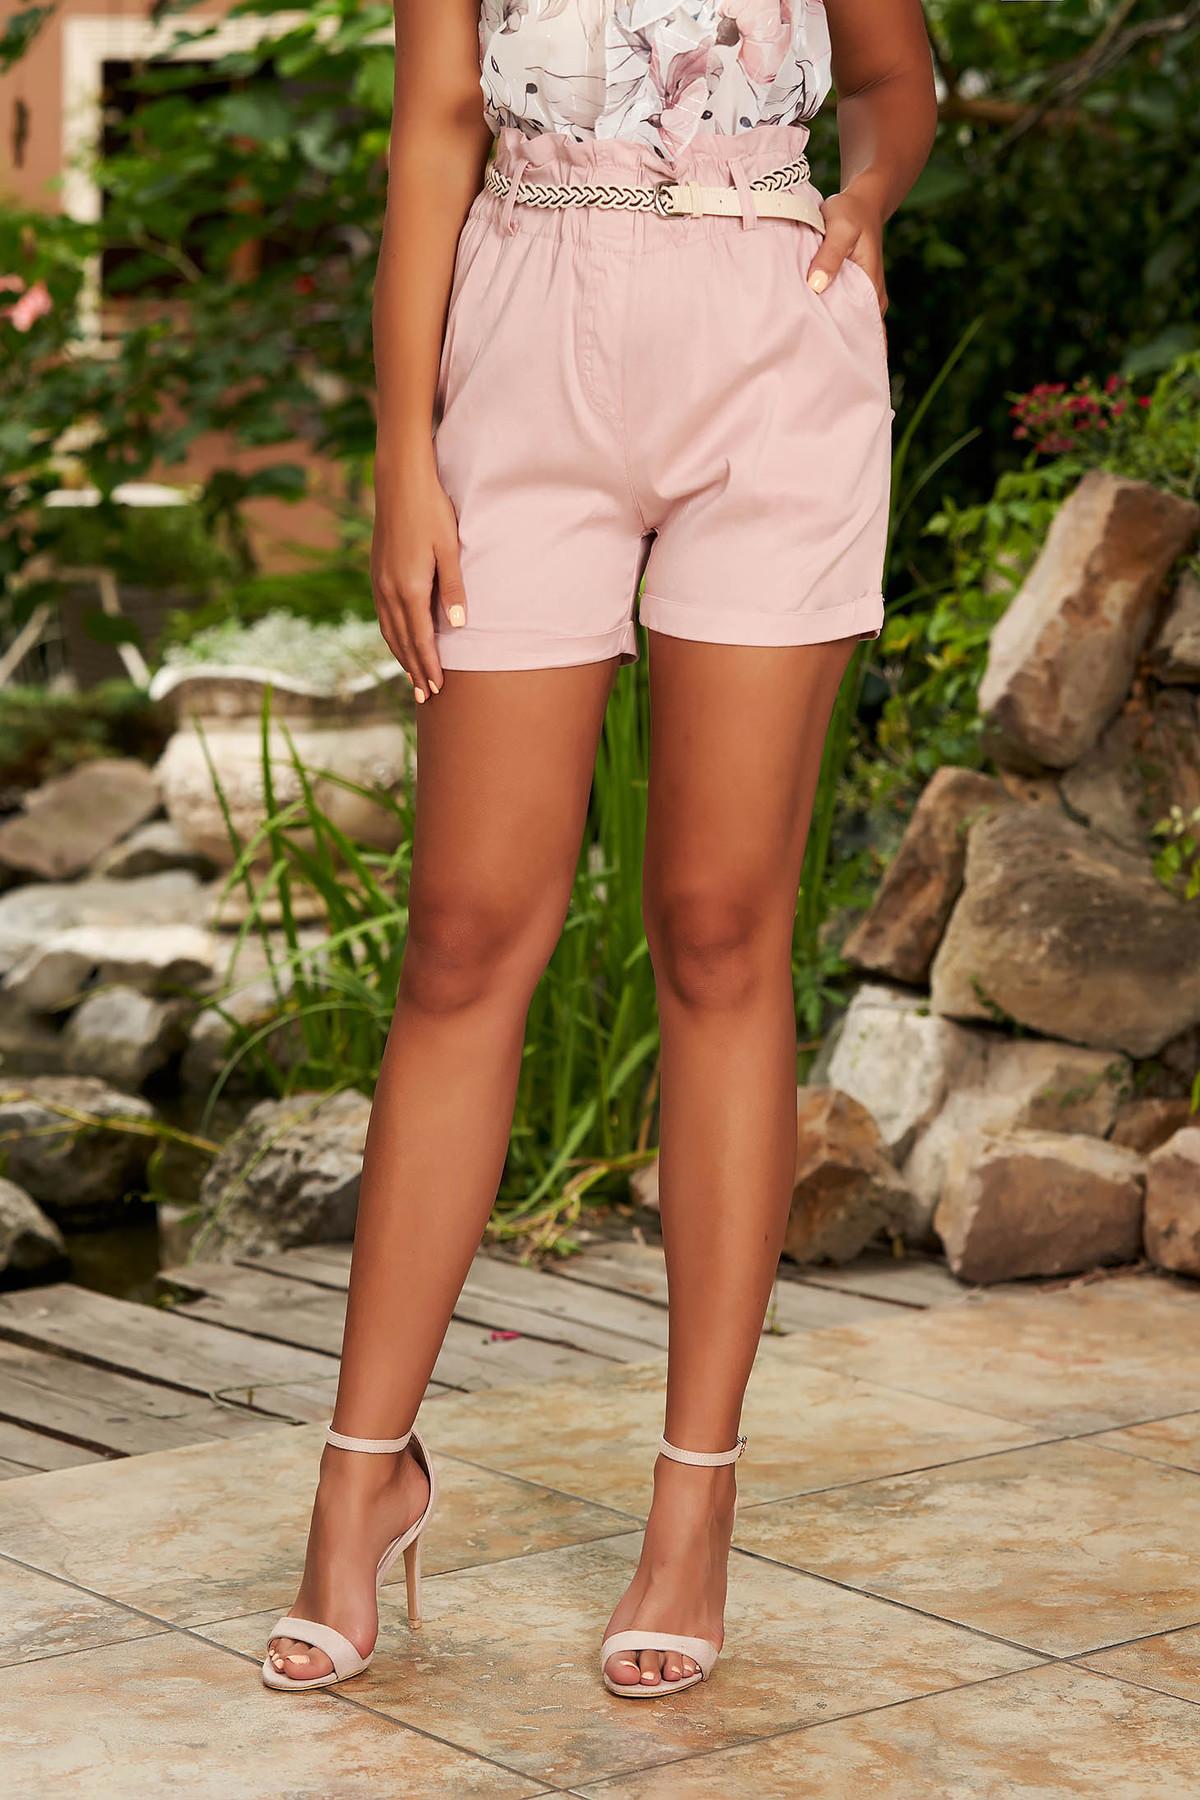 Pantalon scurt SunShine roz prafuit casual din bumbac cu croi larg cu talie inalta si buzunare